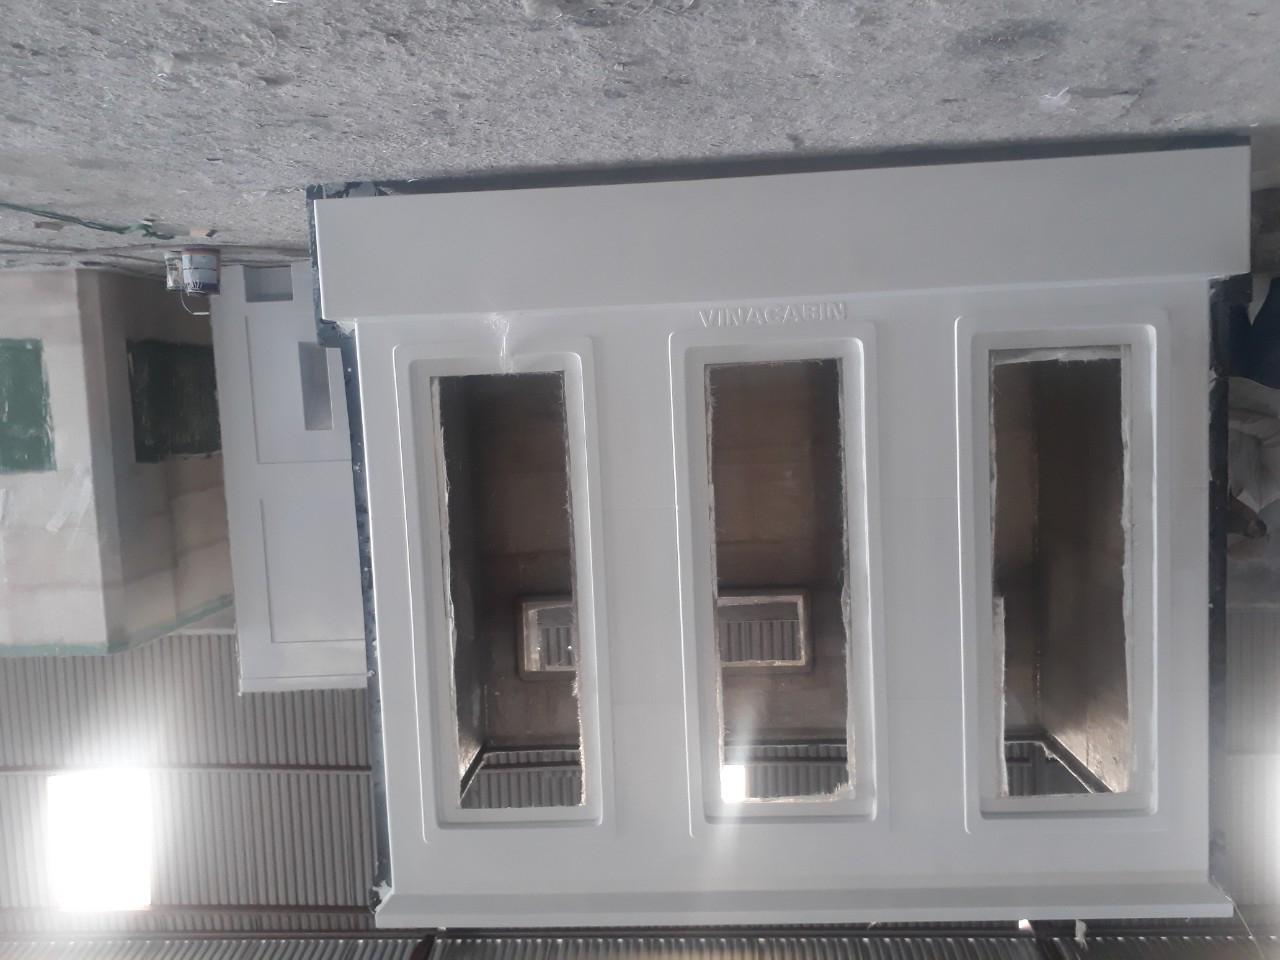 Sản phẩm cũng sẽ được trang bị bơm tăng áp để gia tăng áp lực nước